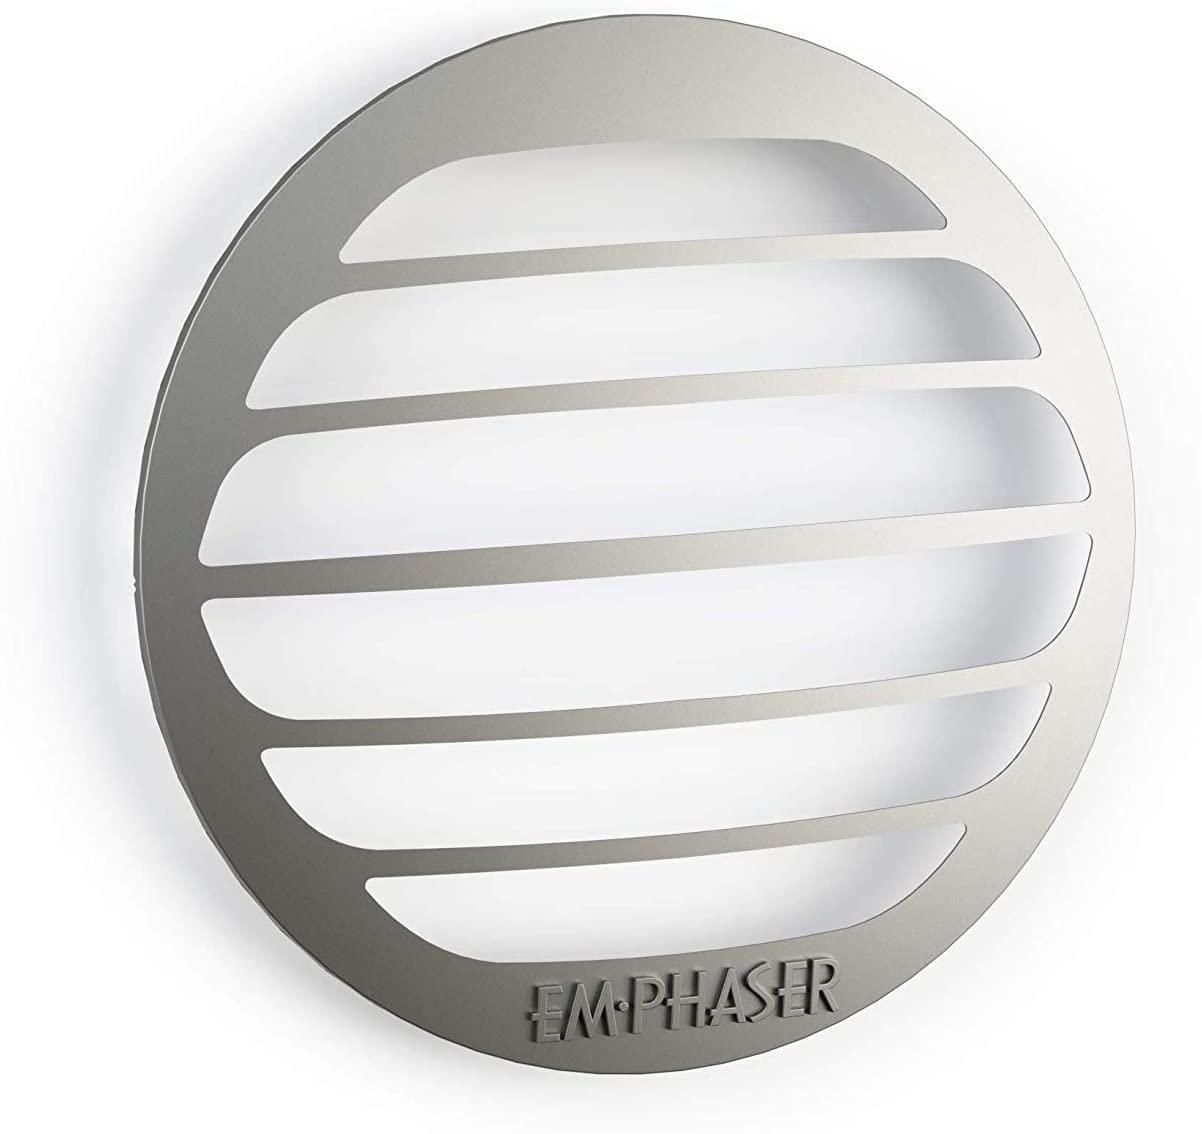 EMPHASER EM-MBGRILL Edelstahl Lautsprecherabdeckung Lautsprecherblende 10cm für Mercedes Fahrzeuge